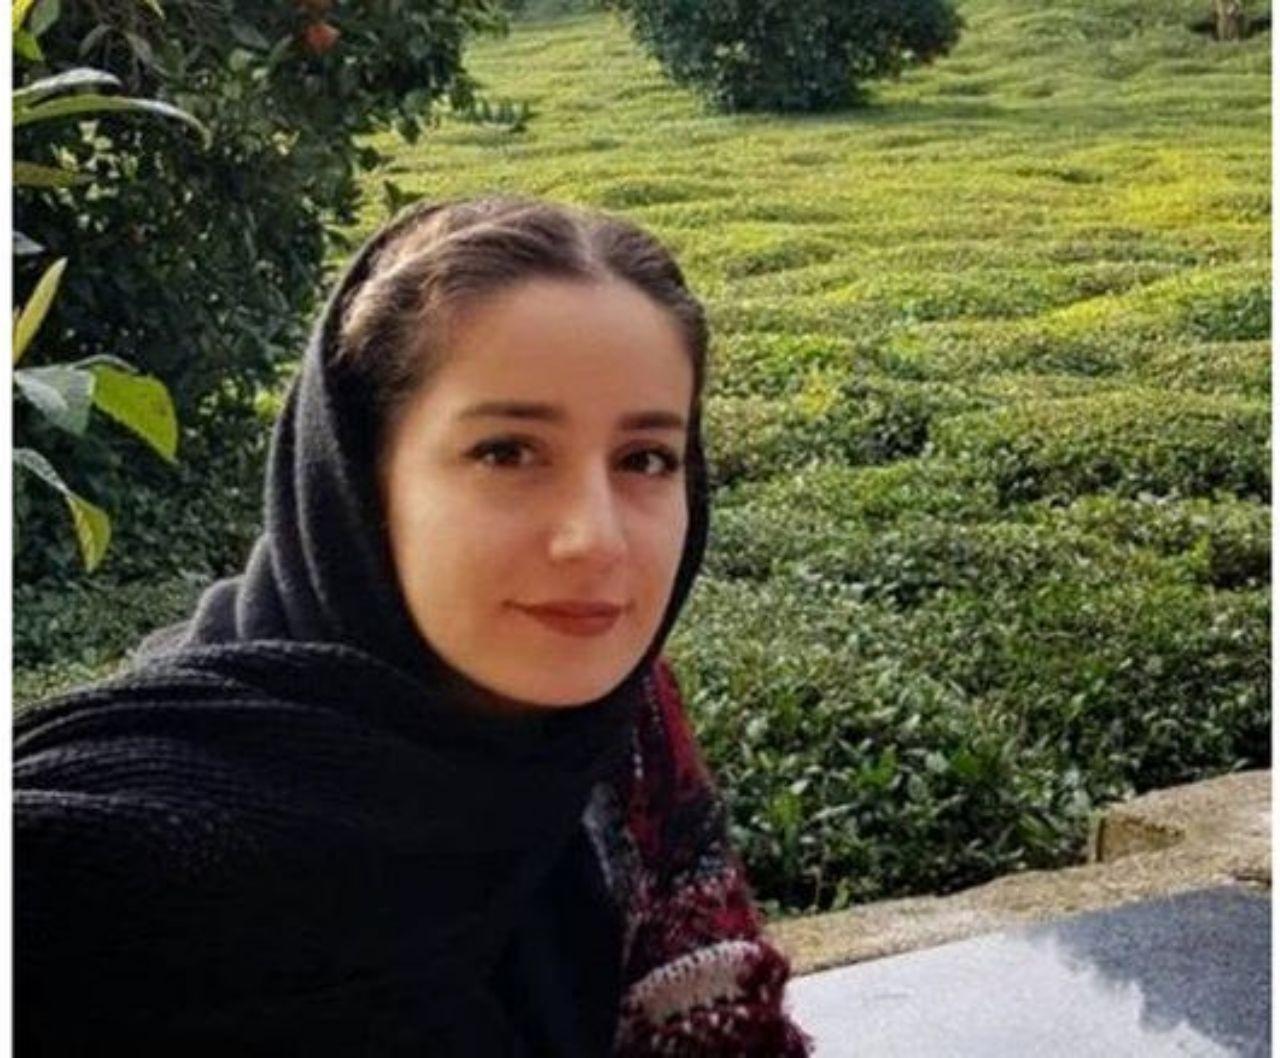 مرگ پرستار بیمارستان میلاد لاهیجان بر اثر کرونا + عکس